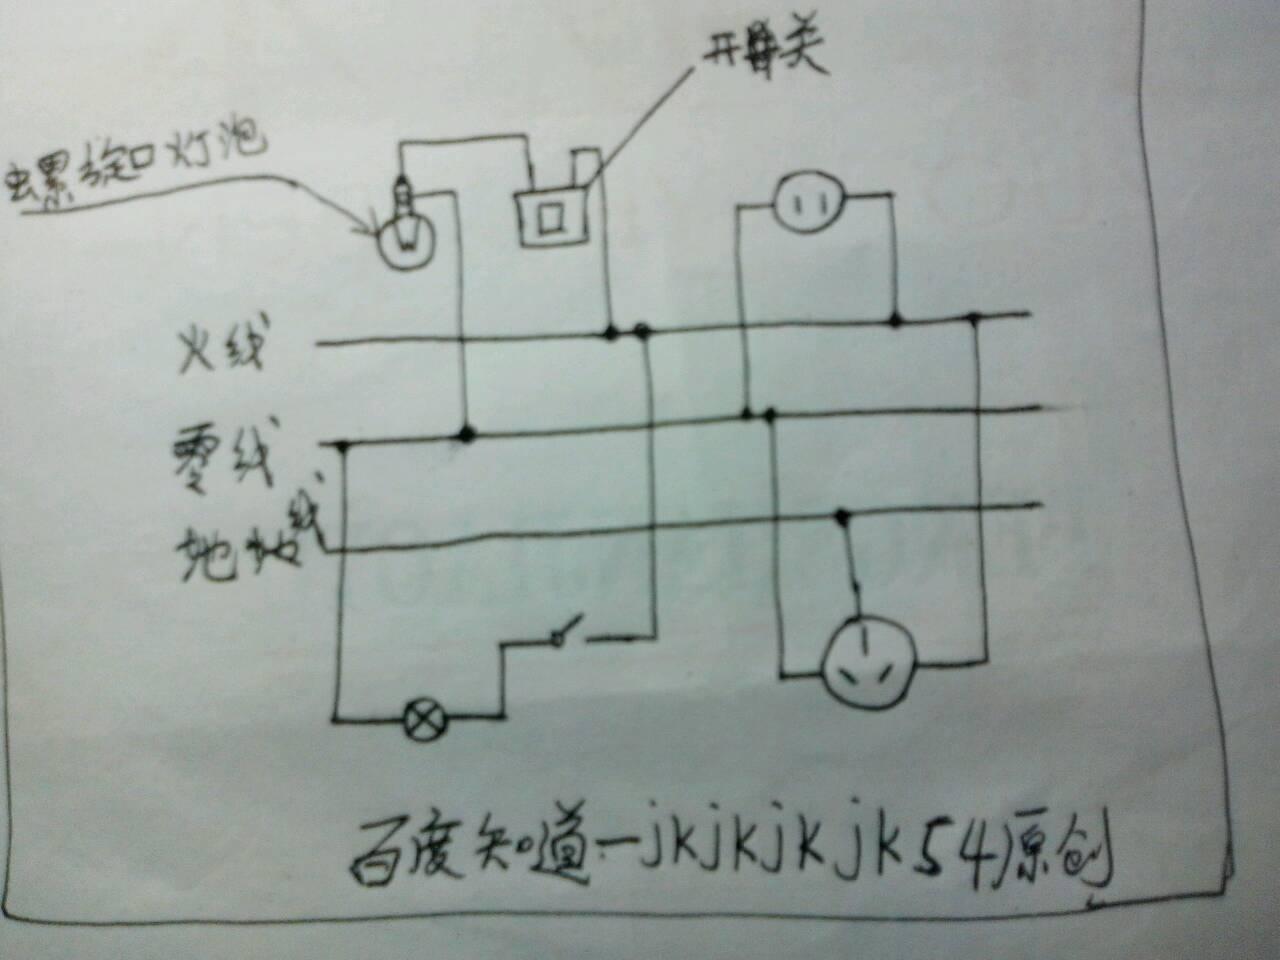 初三物理:请问到底家庭电路中,灯泡是左零右火还是其他 为什么我两种